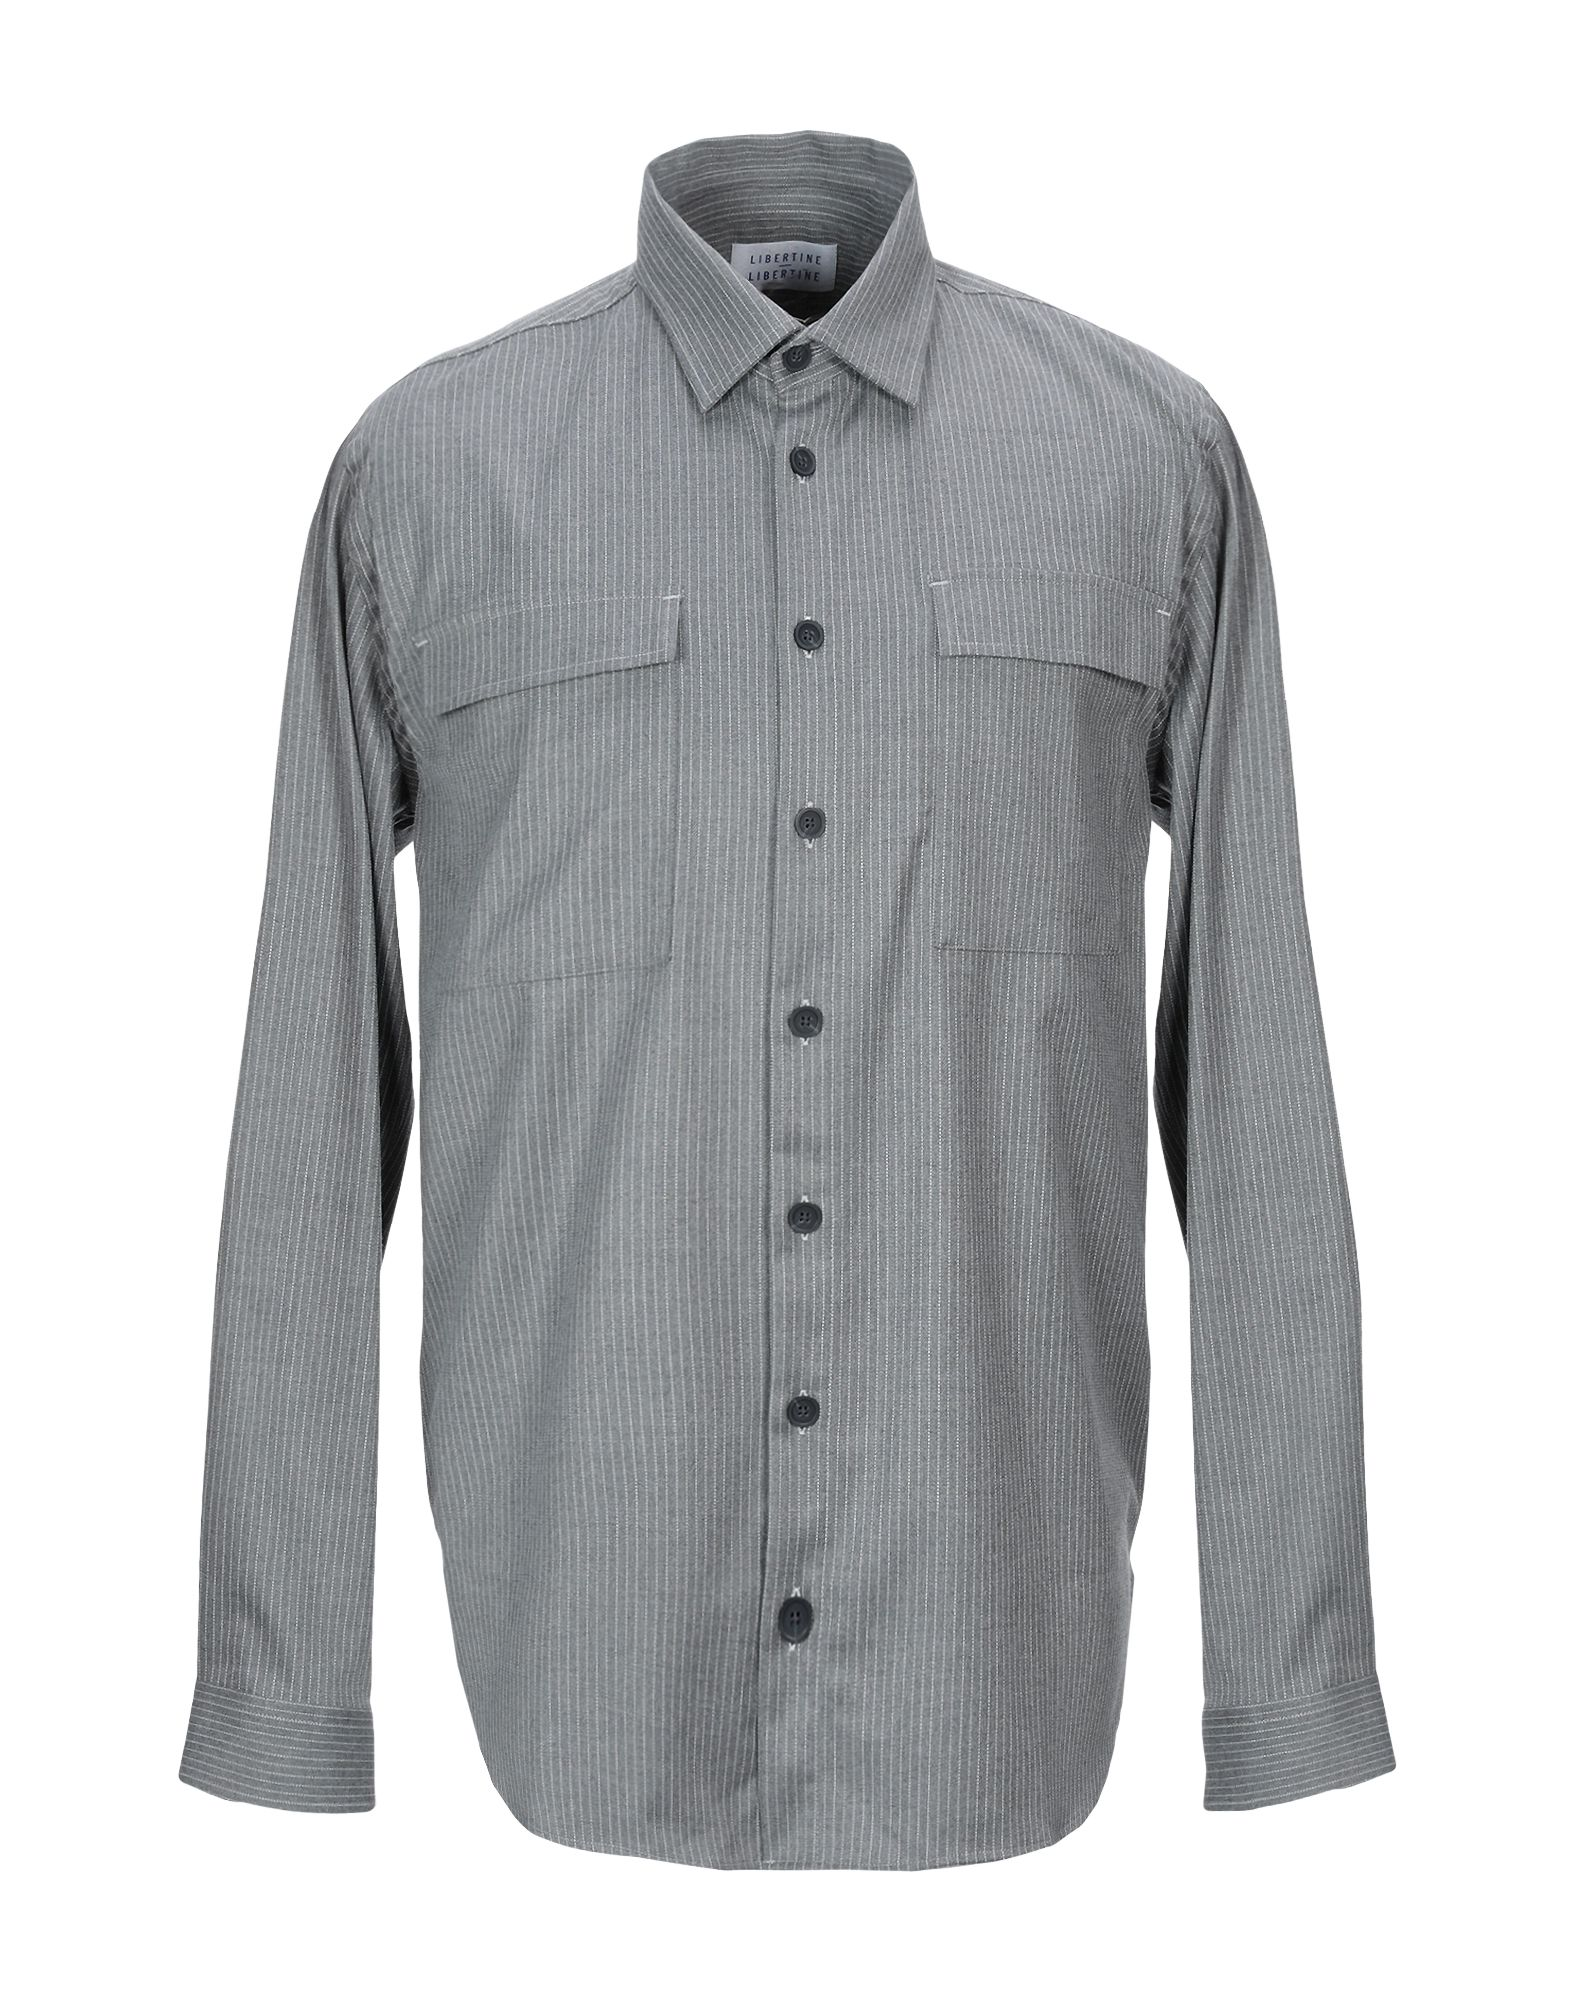 《セール開催中》LIBERTINE-LIBERTINE メンズ シャツ グレー M PES - ポリエーテルサルフォン 64% / レーヨン 35% / ポリウレタン 1%